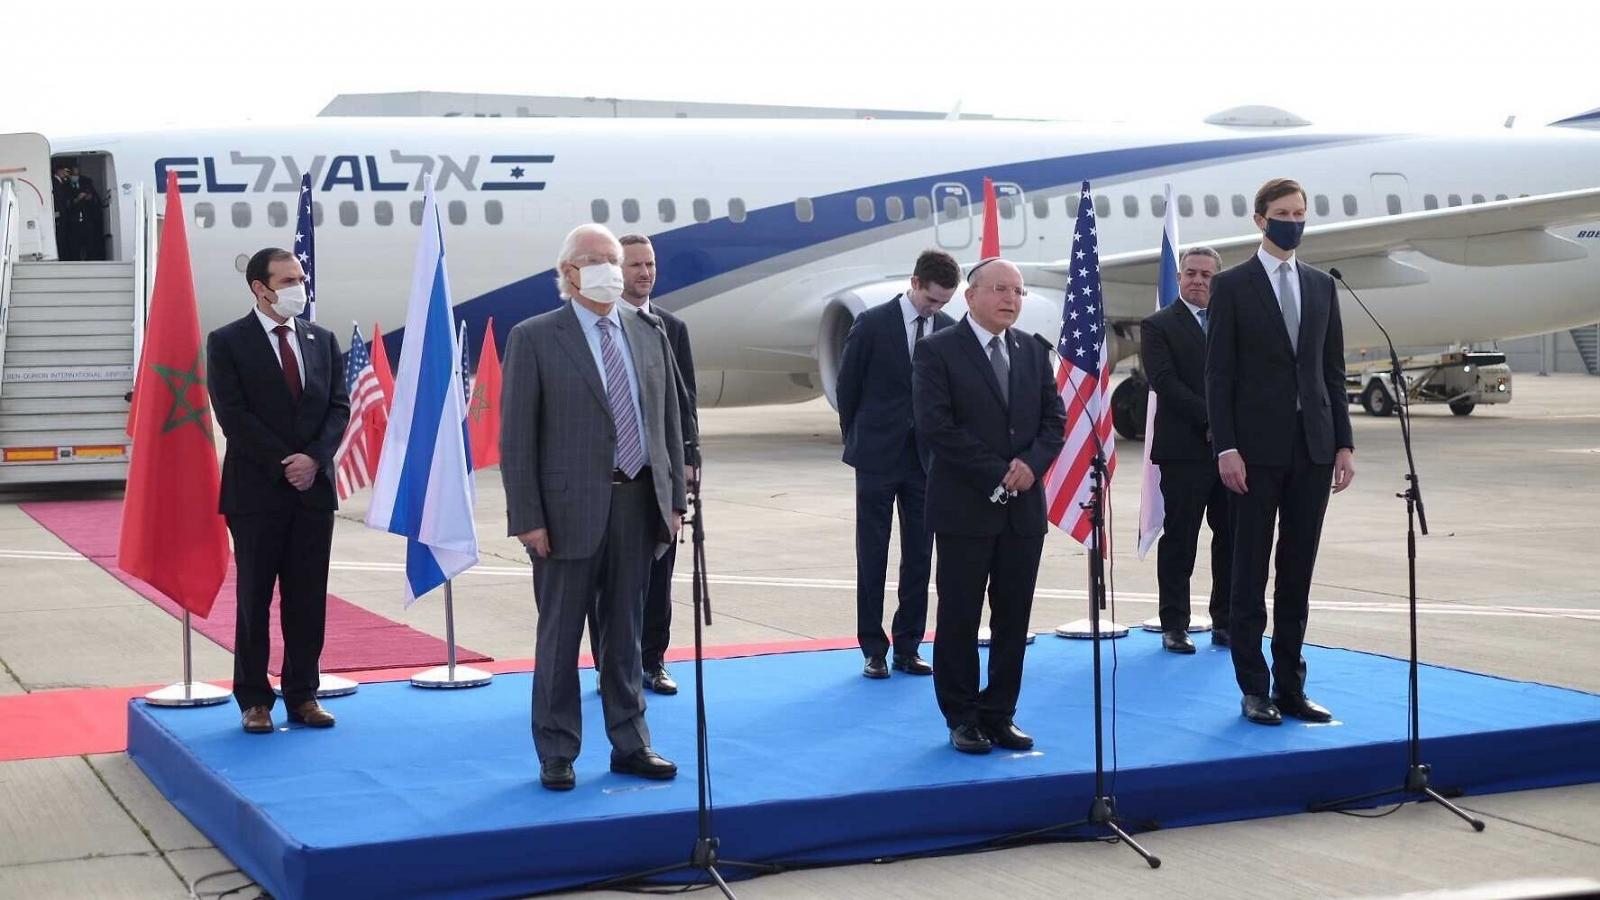 Quan hệ giữa Israel và Marốc sang trang mới